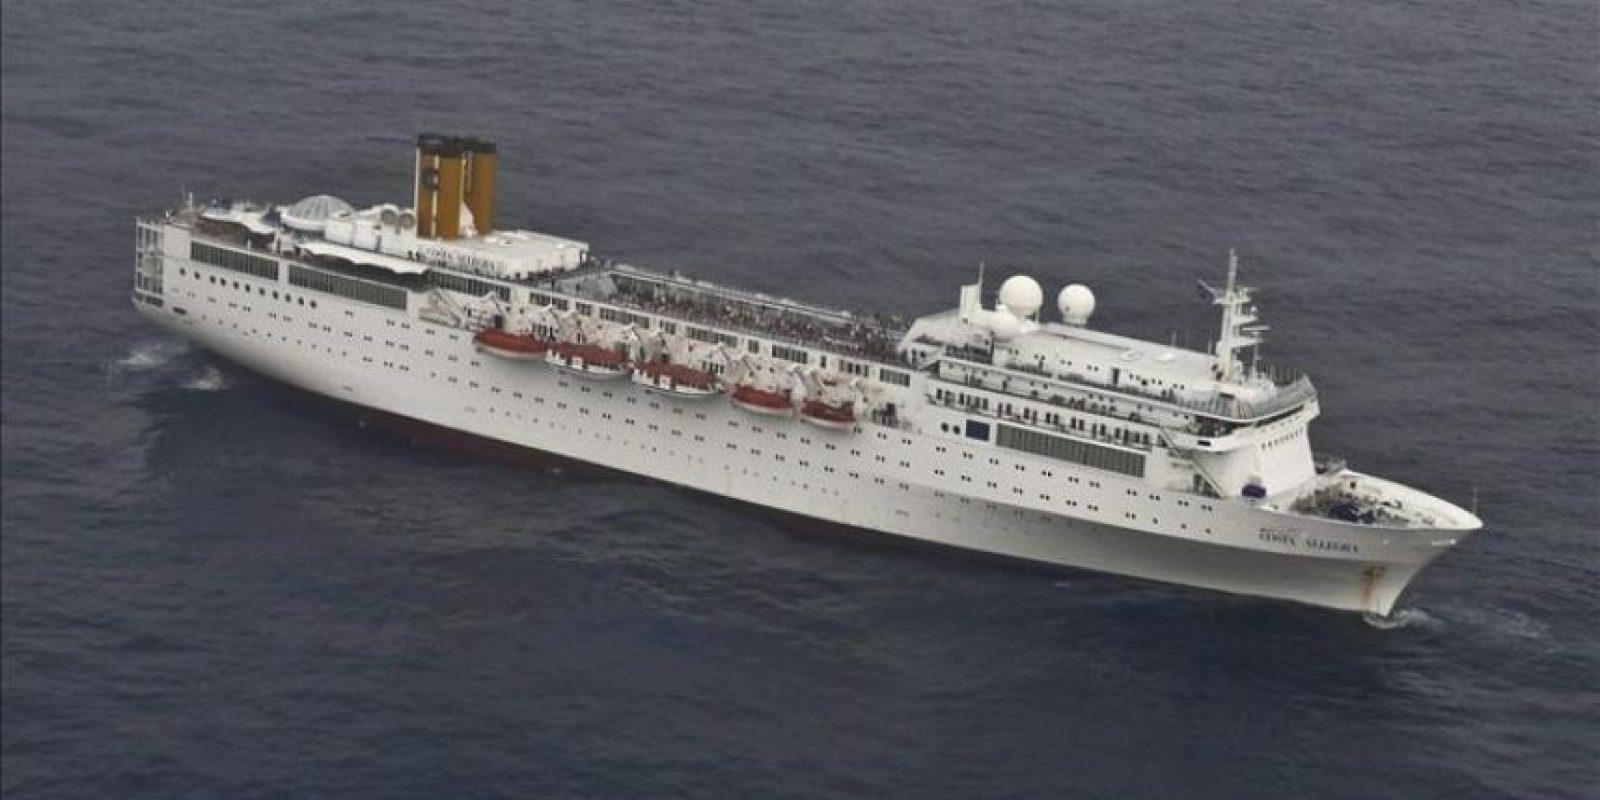 Fotografía tomada por la Marina de la India el 27 de febrero de 2012, y facilitada hoy, 28 de febrero, por la oficina de la Presidencia de Seychelles, que muestra el crucero Costa Allegra después de que sufriera un incendio en su sala de máquinas, en aguas de las islas Seychelles. EFE